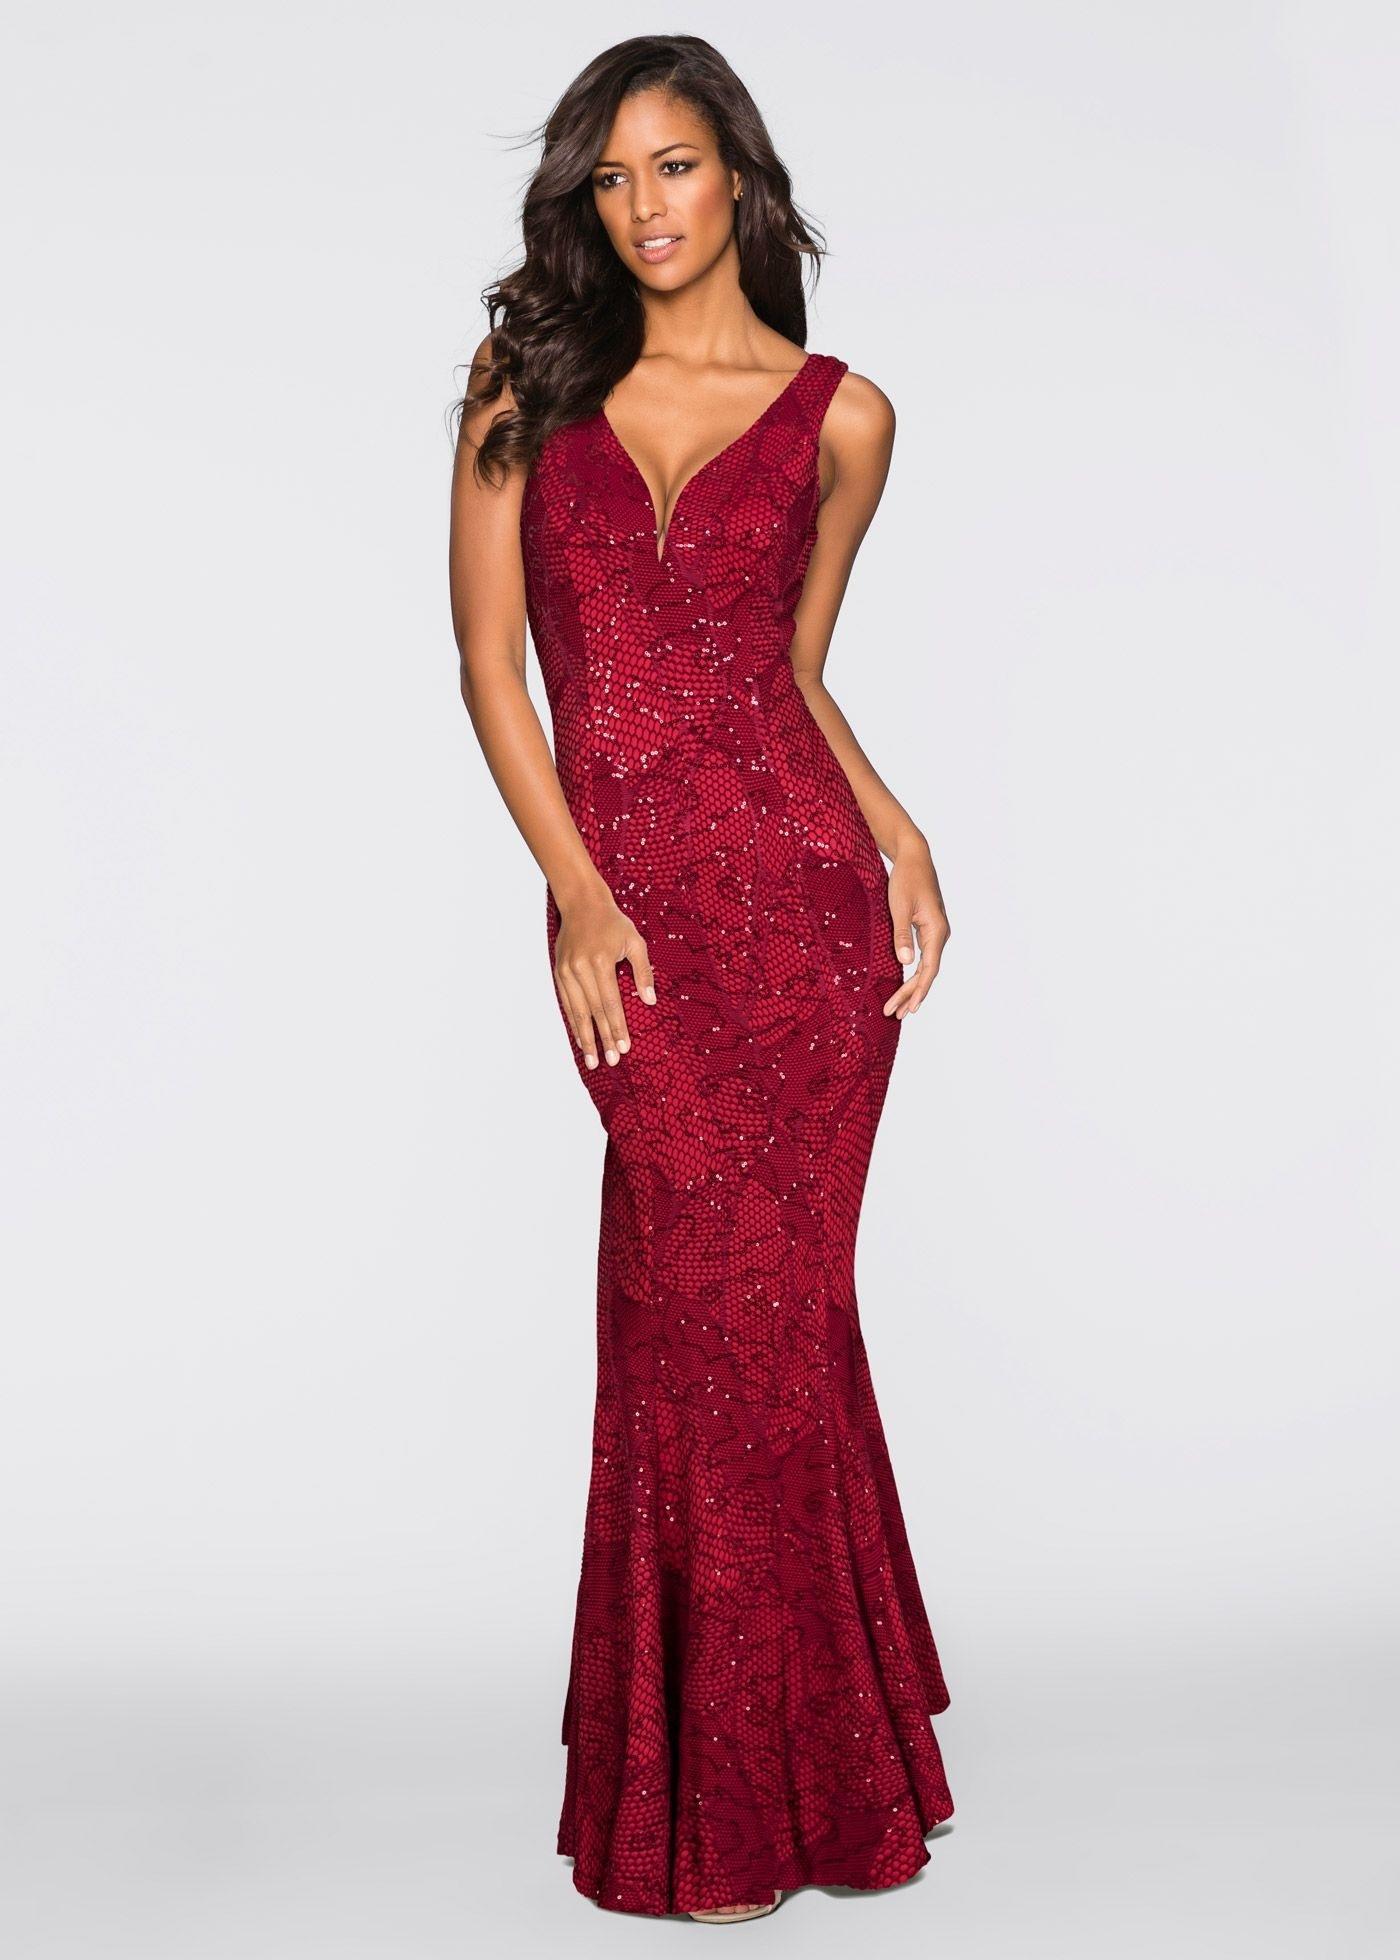 Elegant Schöne Abendkleider Online Kaufen Spezialgebiet10 Erstaunlich Schöne Abendkleider Online Kaufen Design